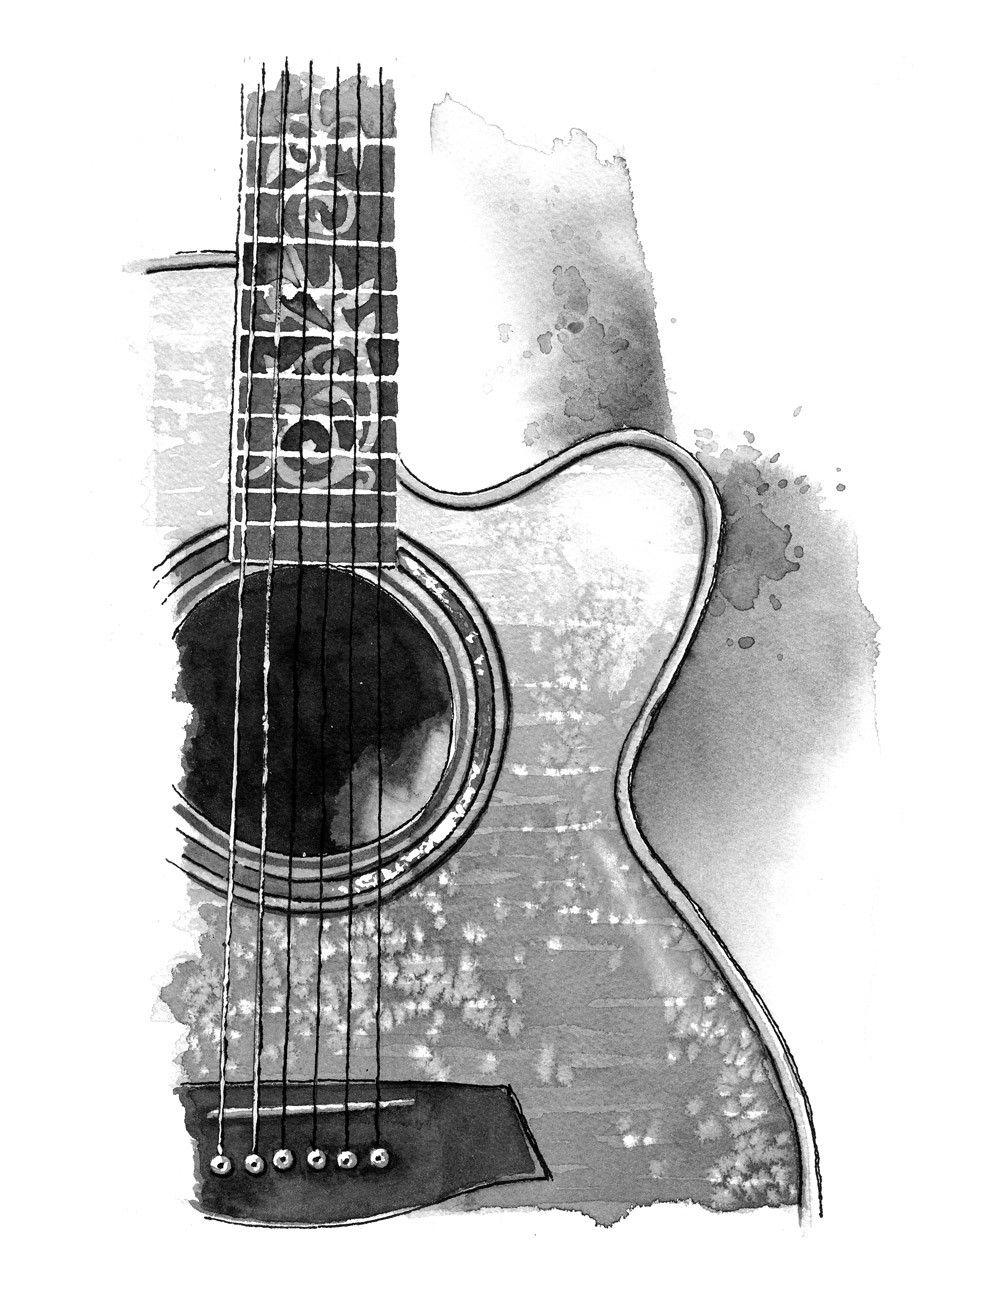 Album De Imagenes Para La Inspiracion Dibujos De Guitarras